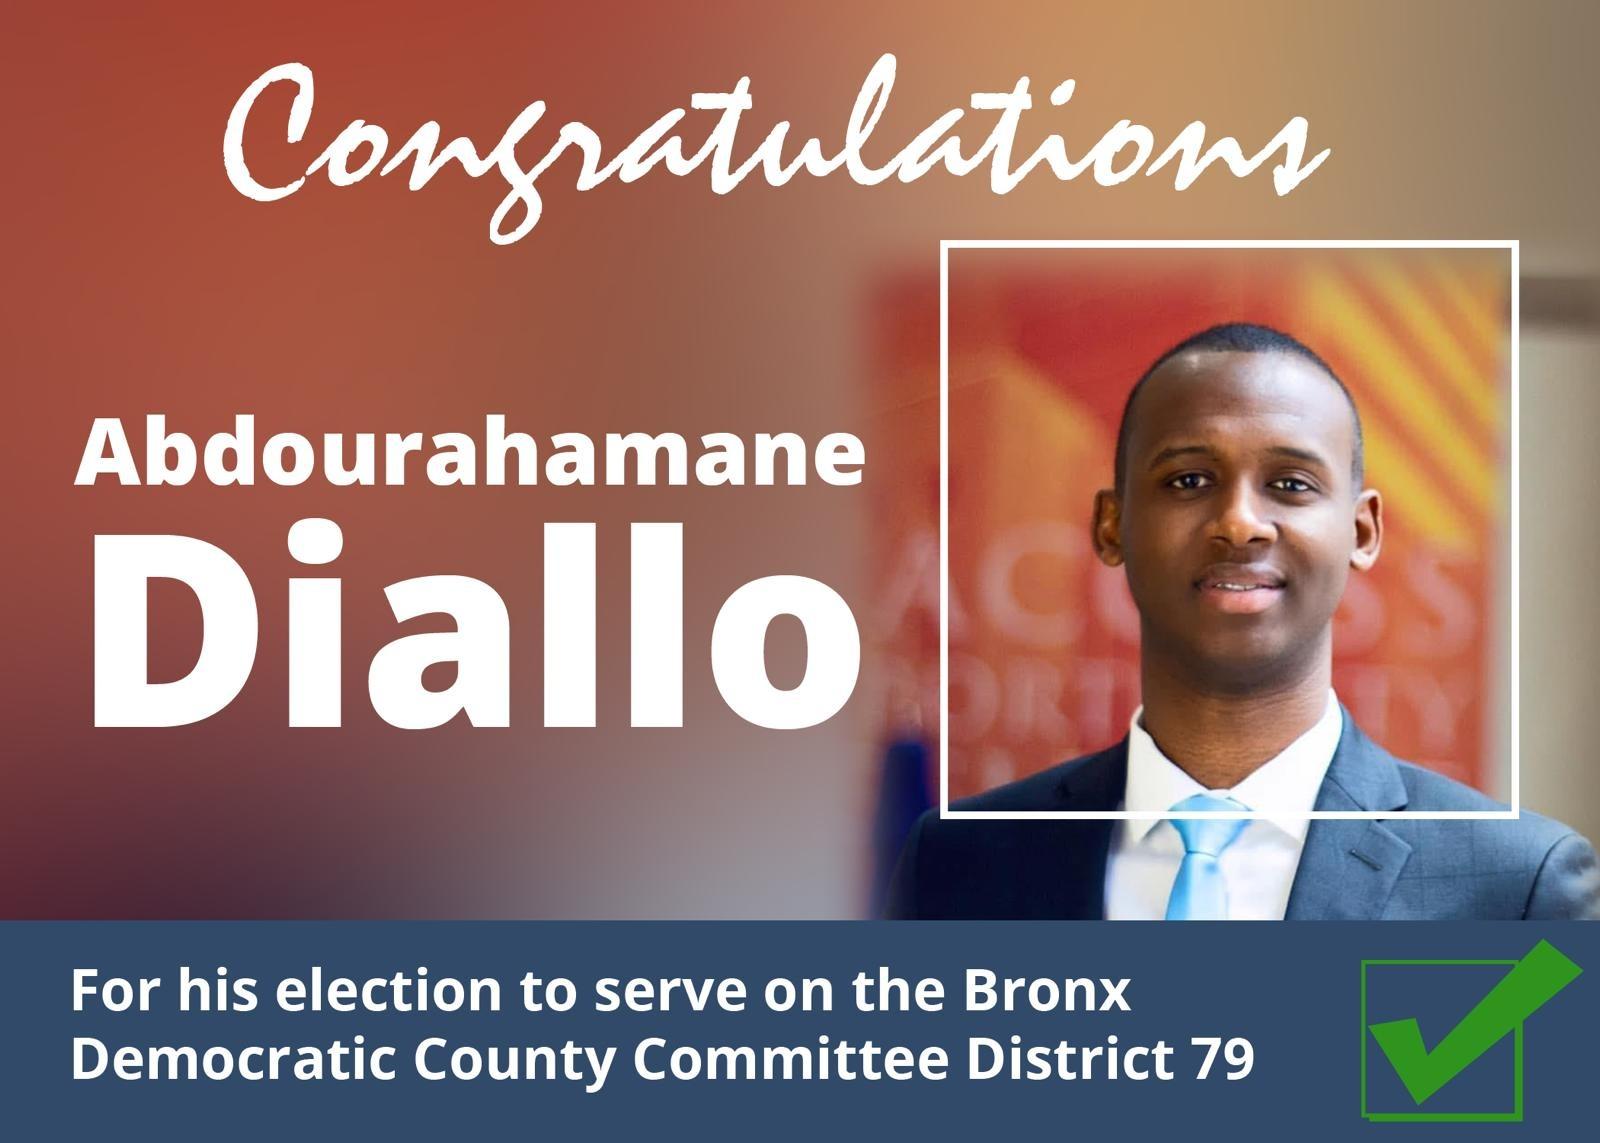 Abdourahamane Diallo élu membre du comité du Parti des Démocrates district 79 dans le Bronx